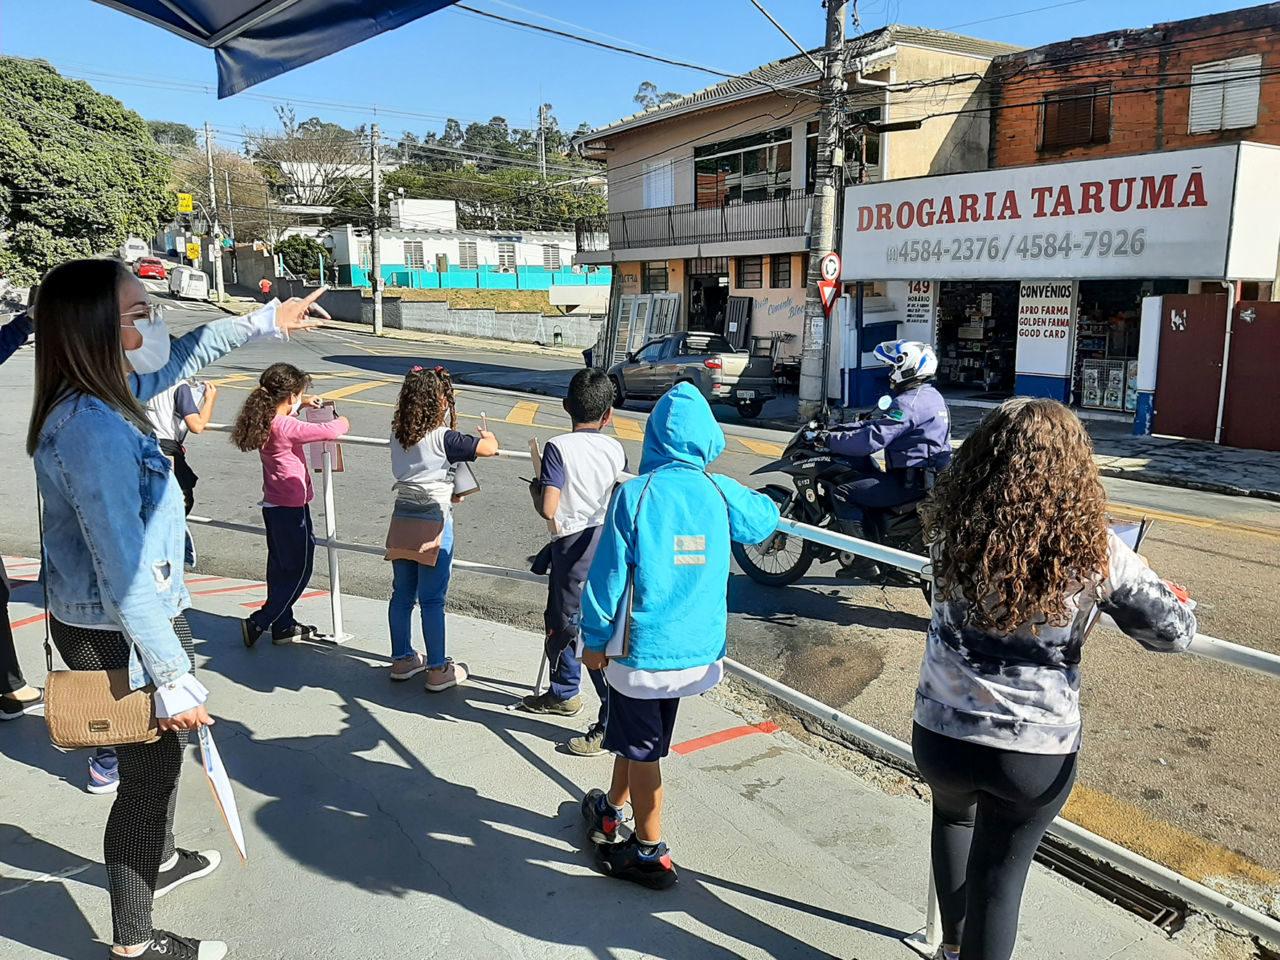 Mulher loira, aponta para comércio em que está escrito Drogaria Tarumã. Junto dela estão crianças que olham com atenção para o escrito.  Ao fundo, moto da guarda municipal de Jundiaí, vestido com farda azul.